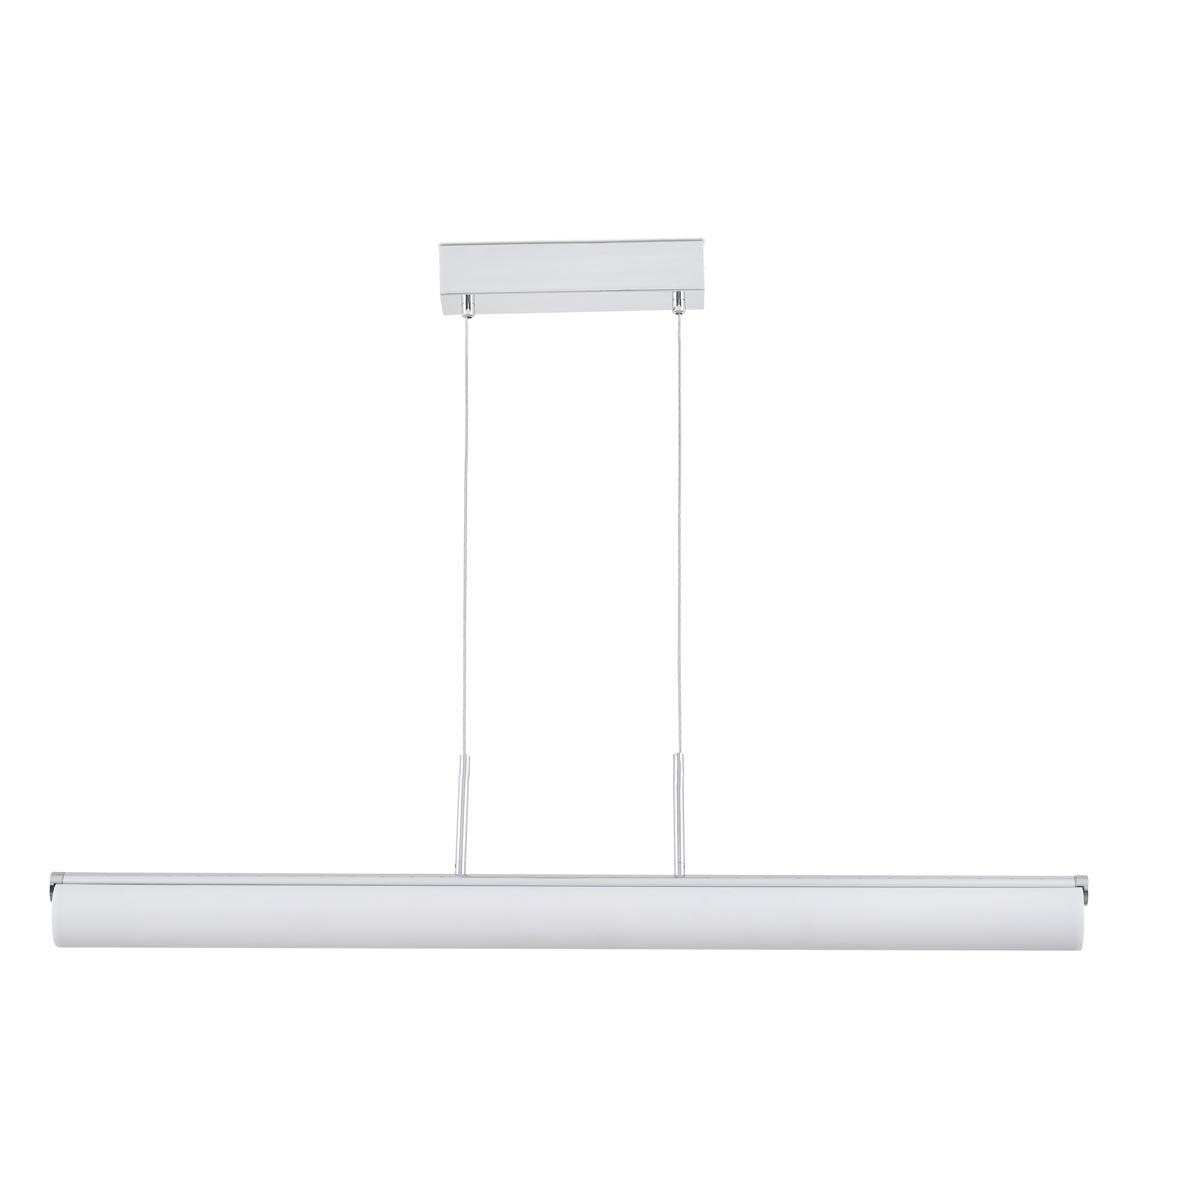 Faro LED Pendelleuchte Luce PL, Weiß, Aluminium/Kunststoff, 64176 | Lampen > Deckenleuchten > Pendelleuchten | Weiß